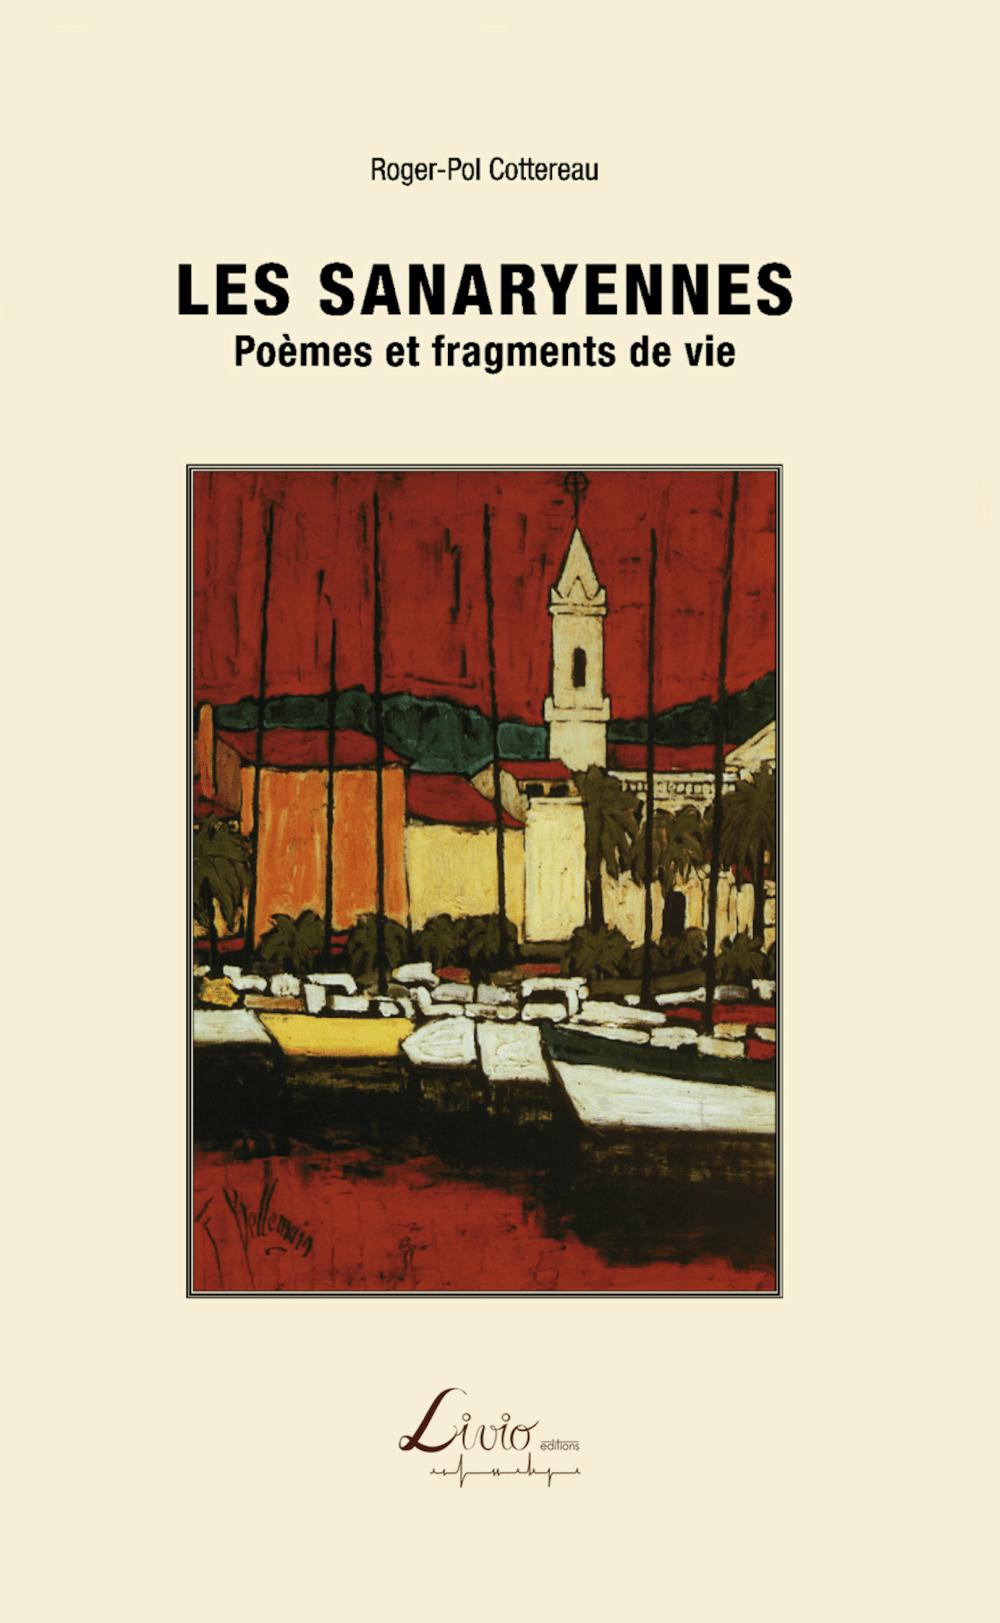 Les Sanaryennes: Poèmes et fragments de vie